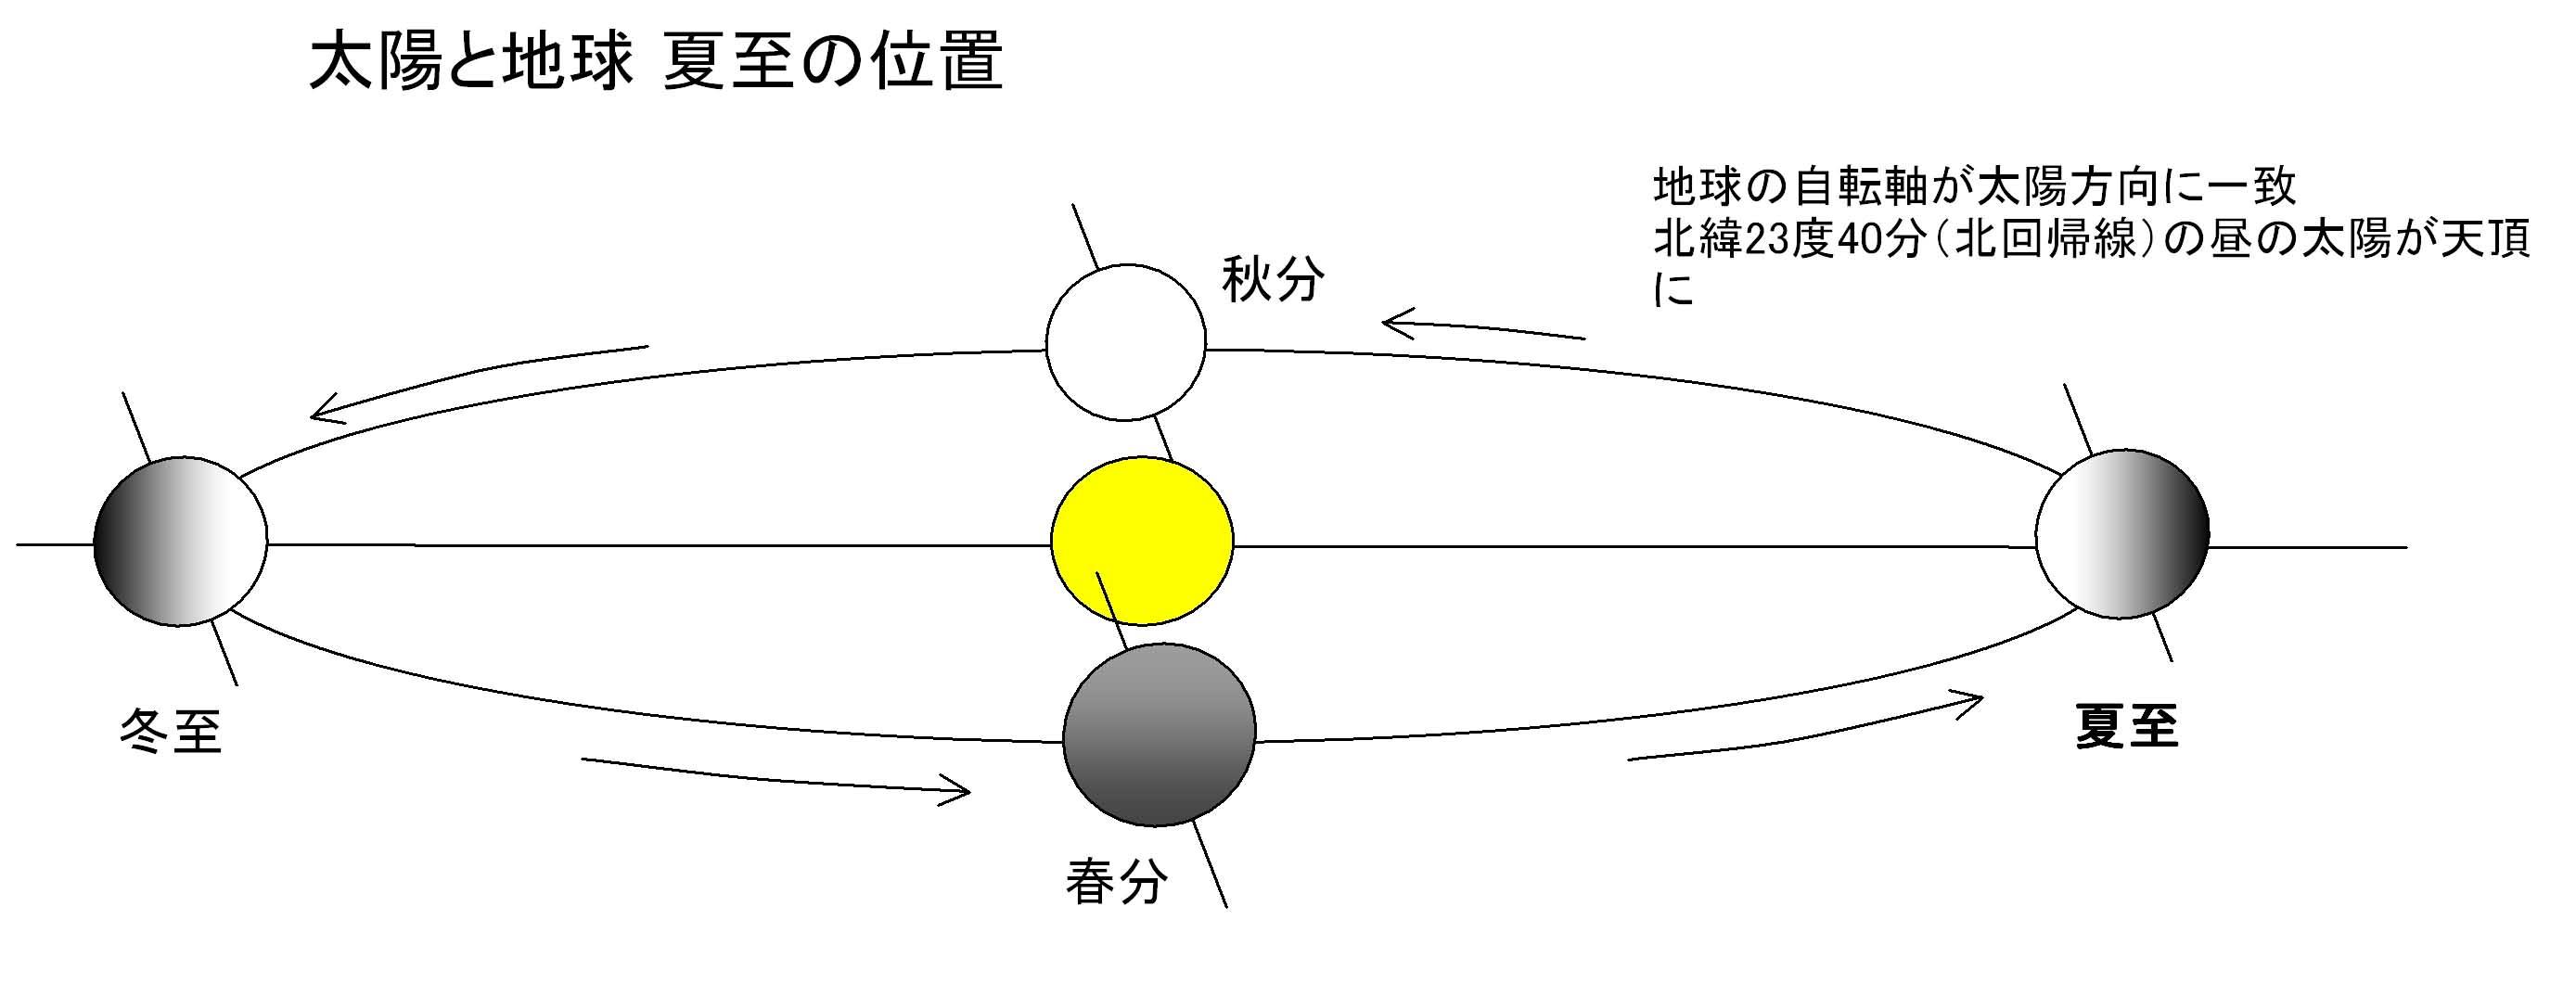 夏至の太陽と地球の図